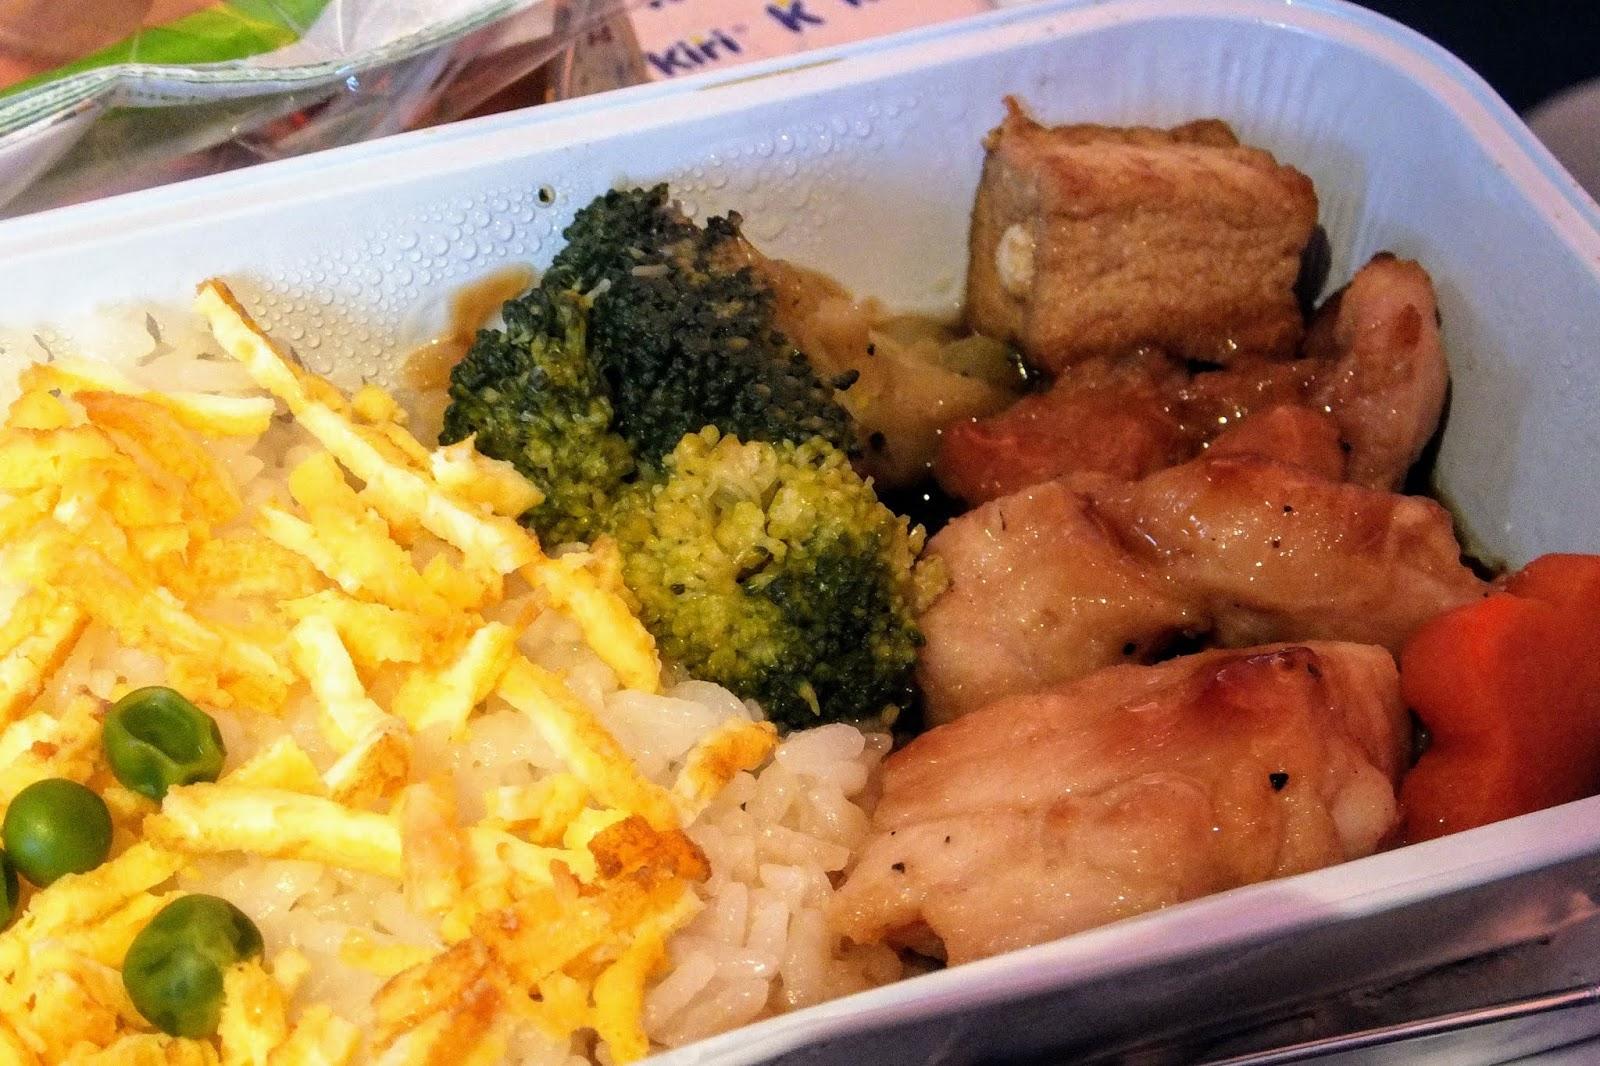 FINAIR A350-900 flight meal no.1 - Japanese